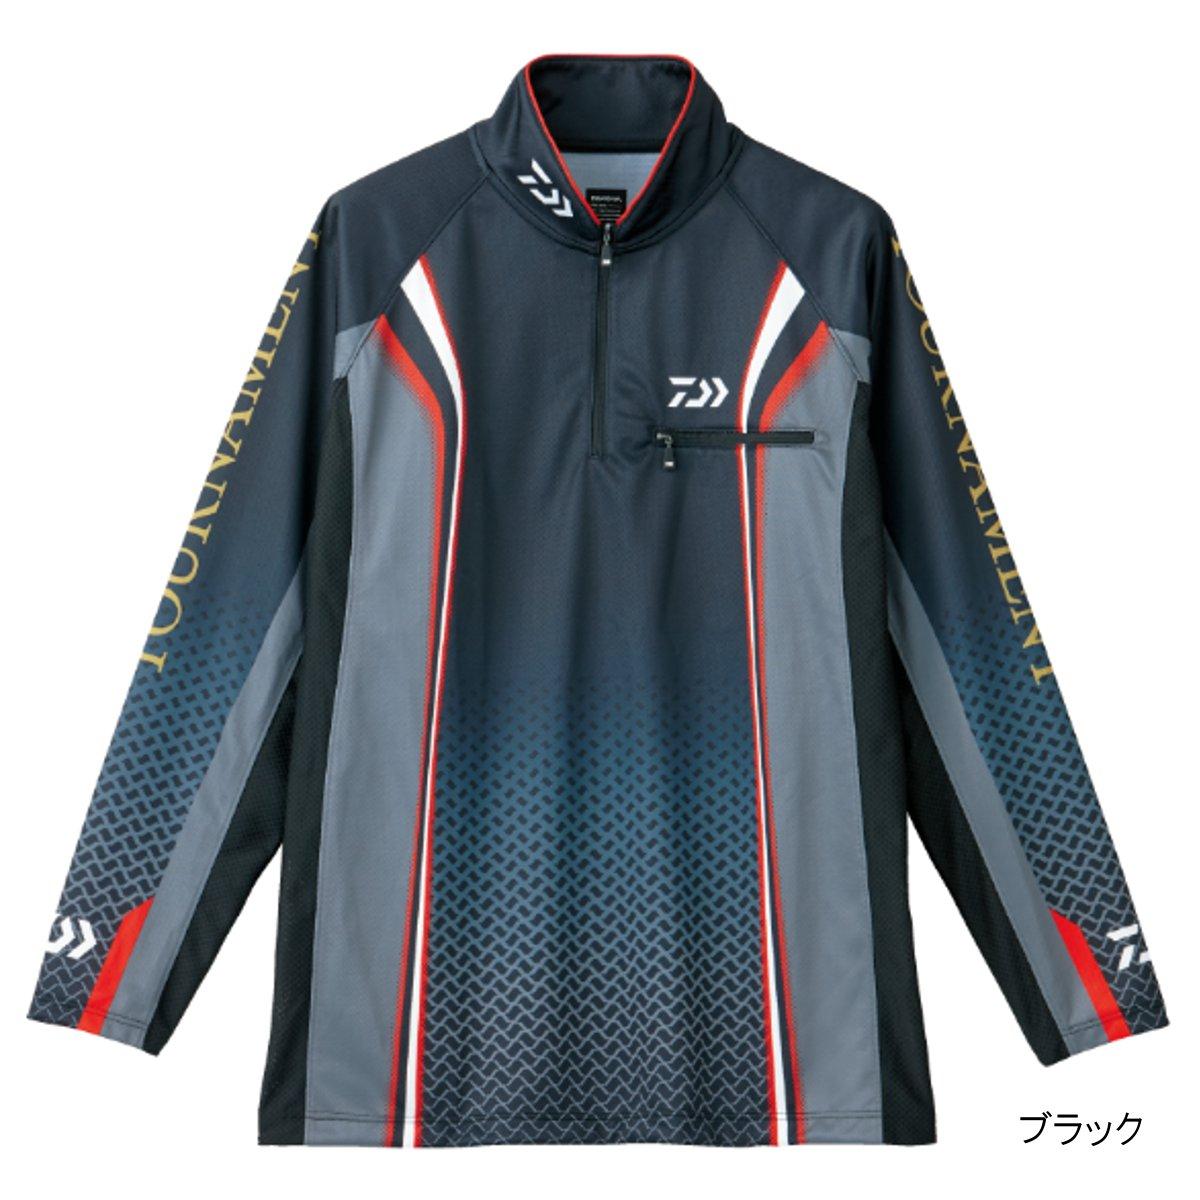 ダイワ トーナメント ドライシャツ DE-7406 XL ブラック